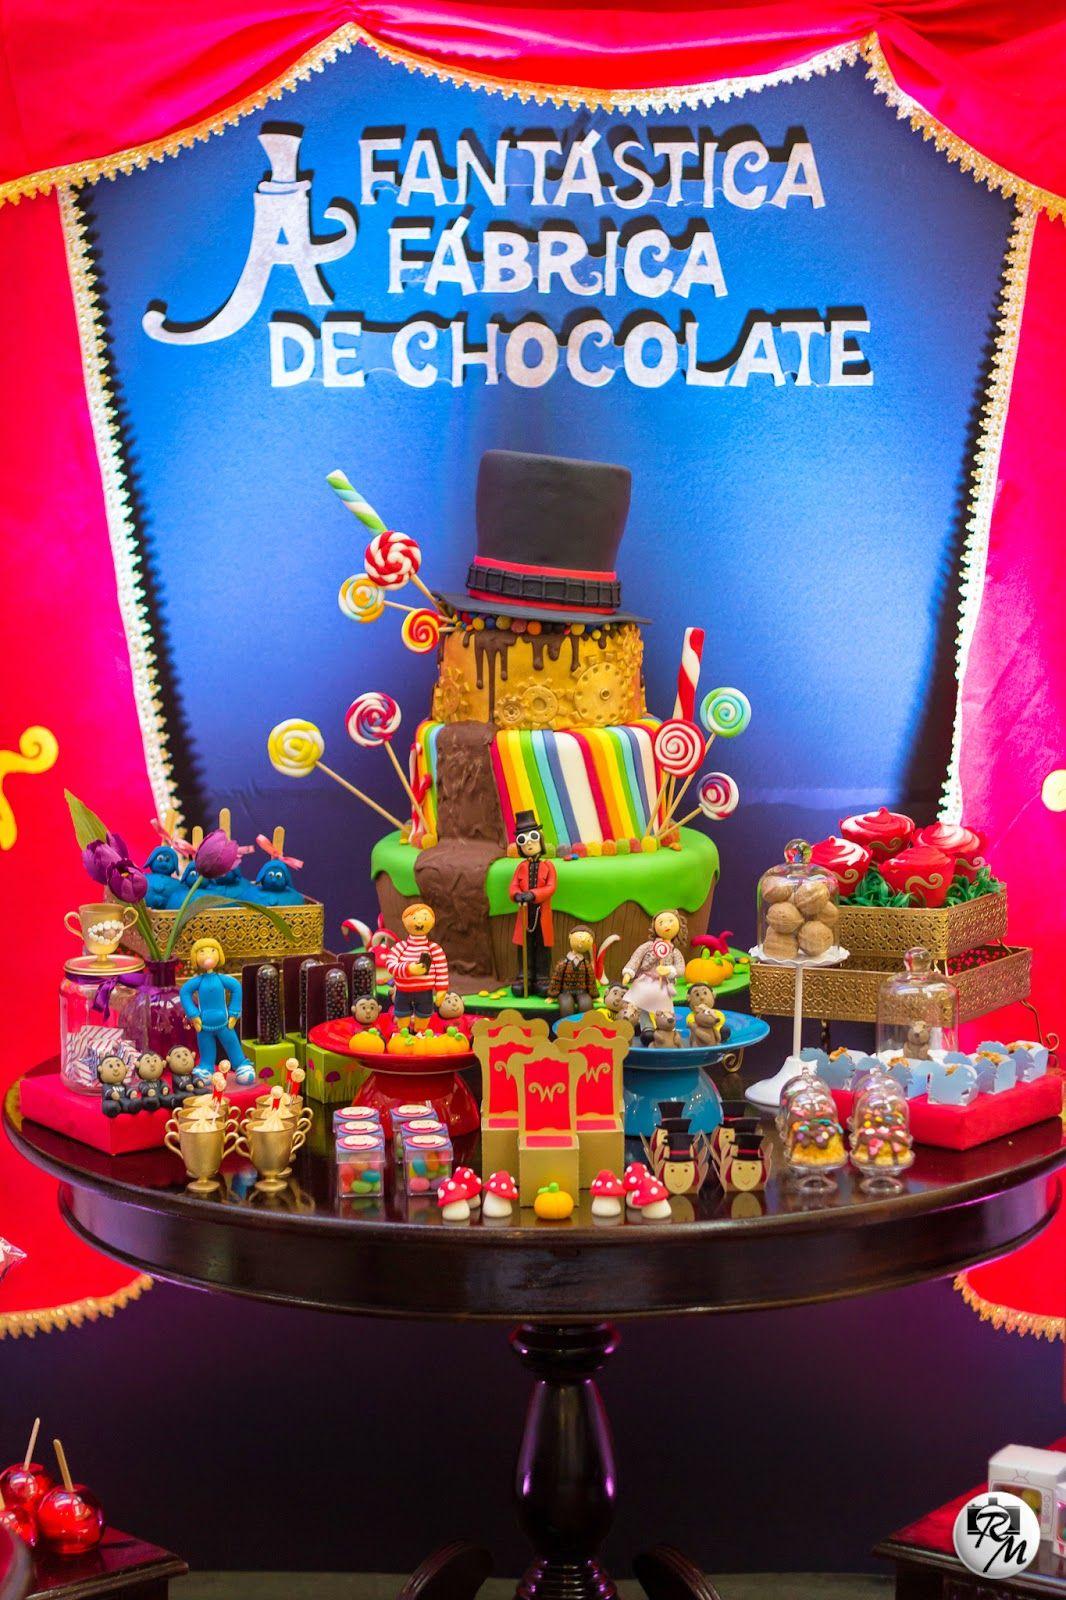 Decor Kids 2015 A Fantastica Fabrica De Chocolate Com Imagens